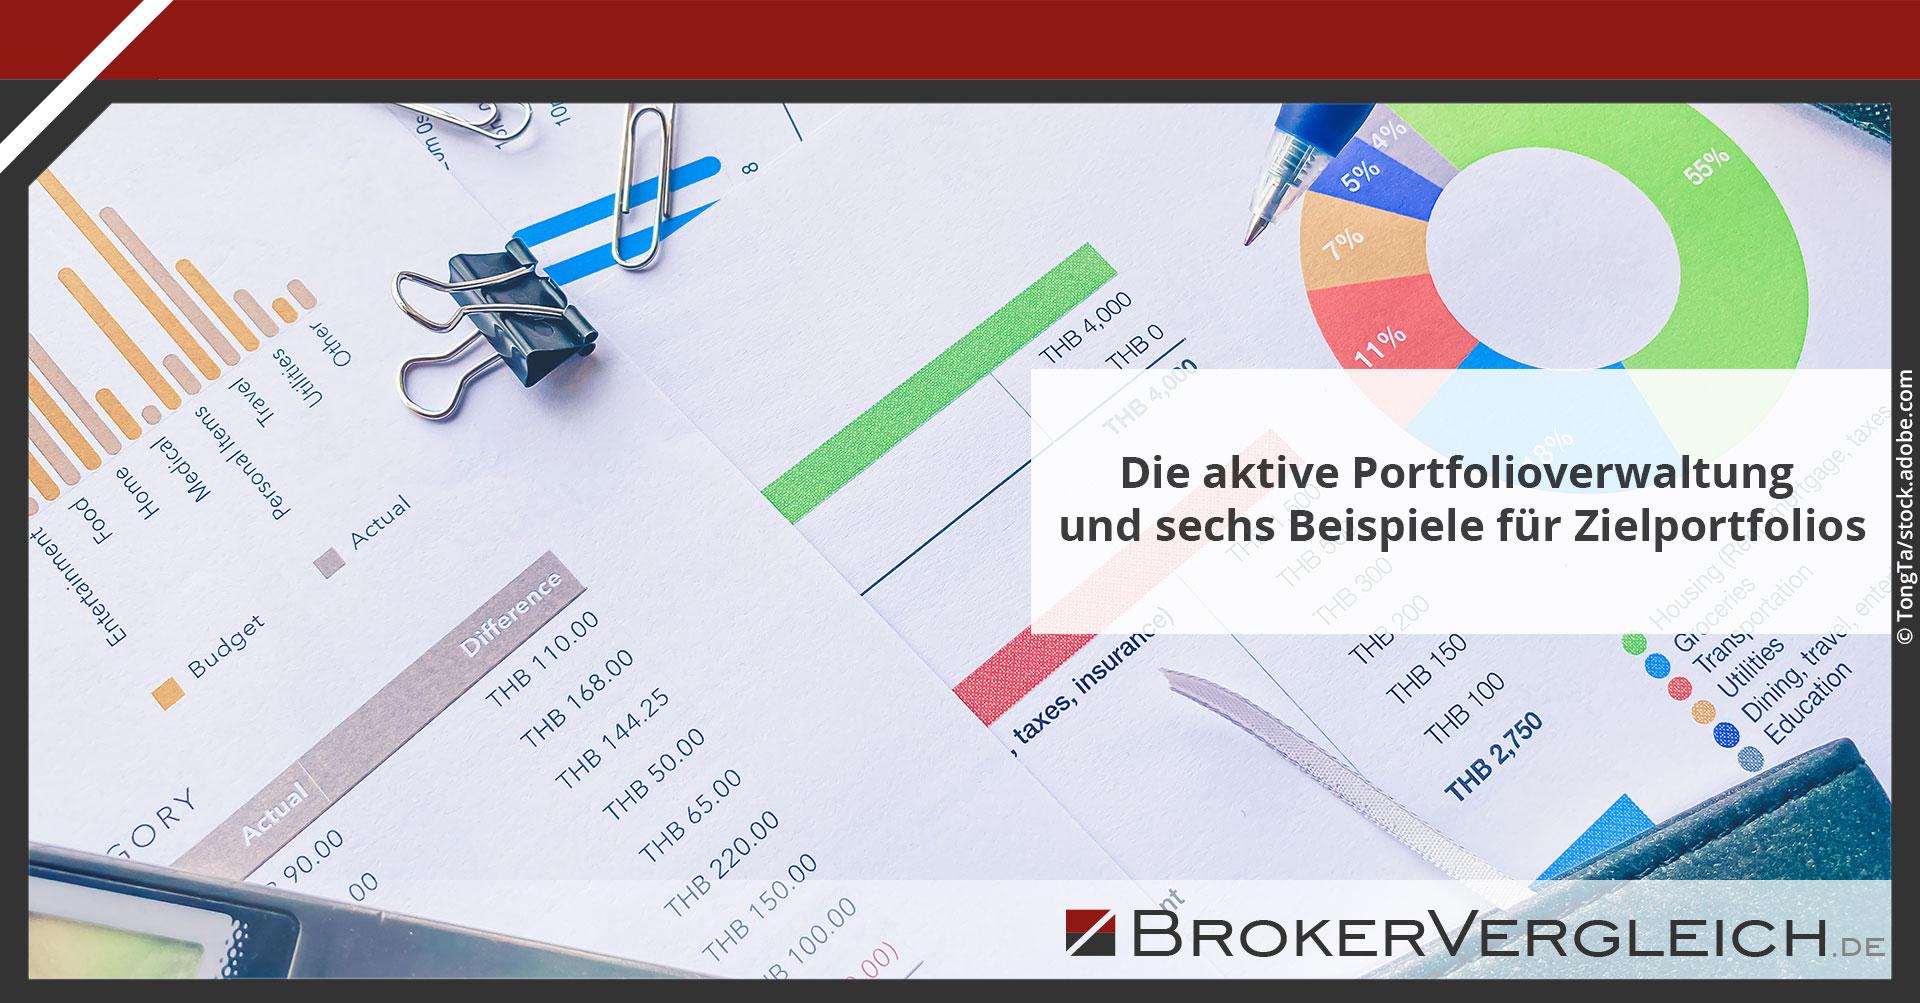 forex broker vergleich 2021 über 25 forex anbieter vergleichen was ist binärcode im computer?